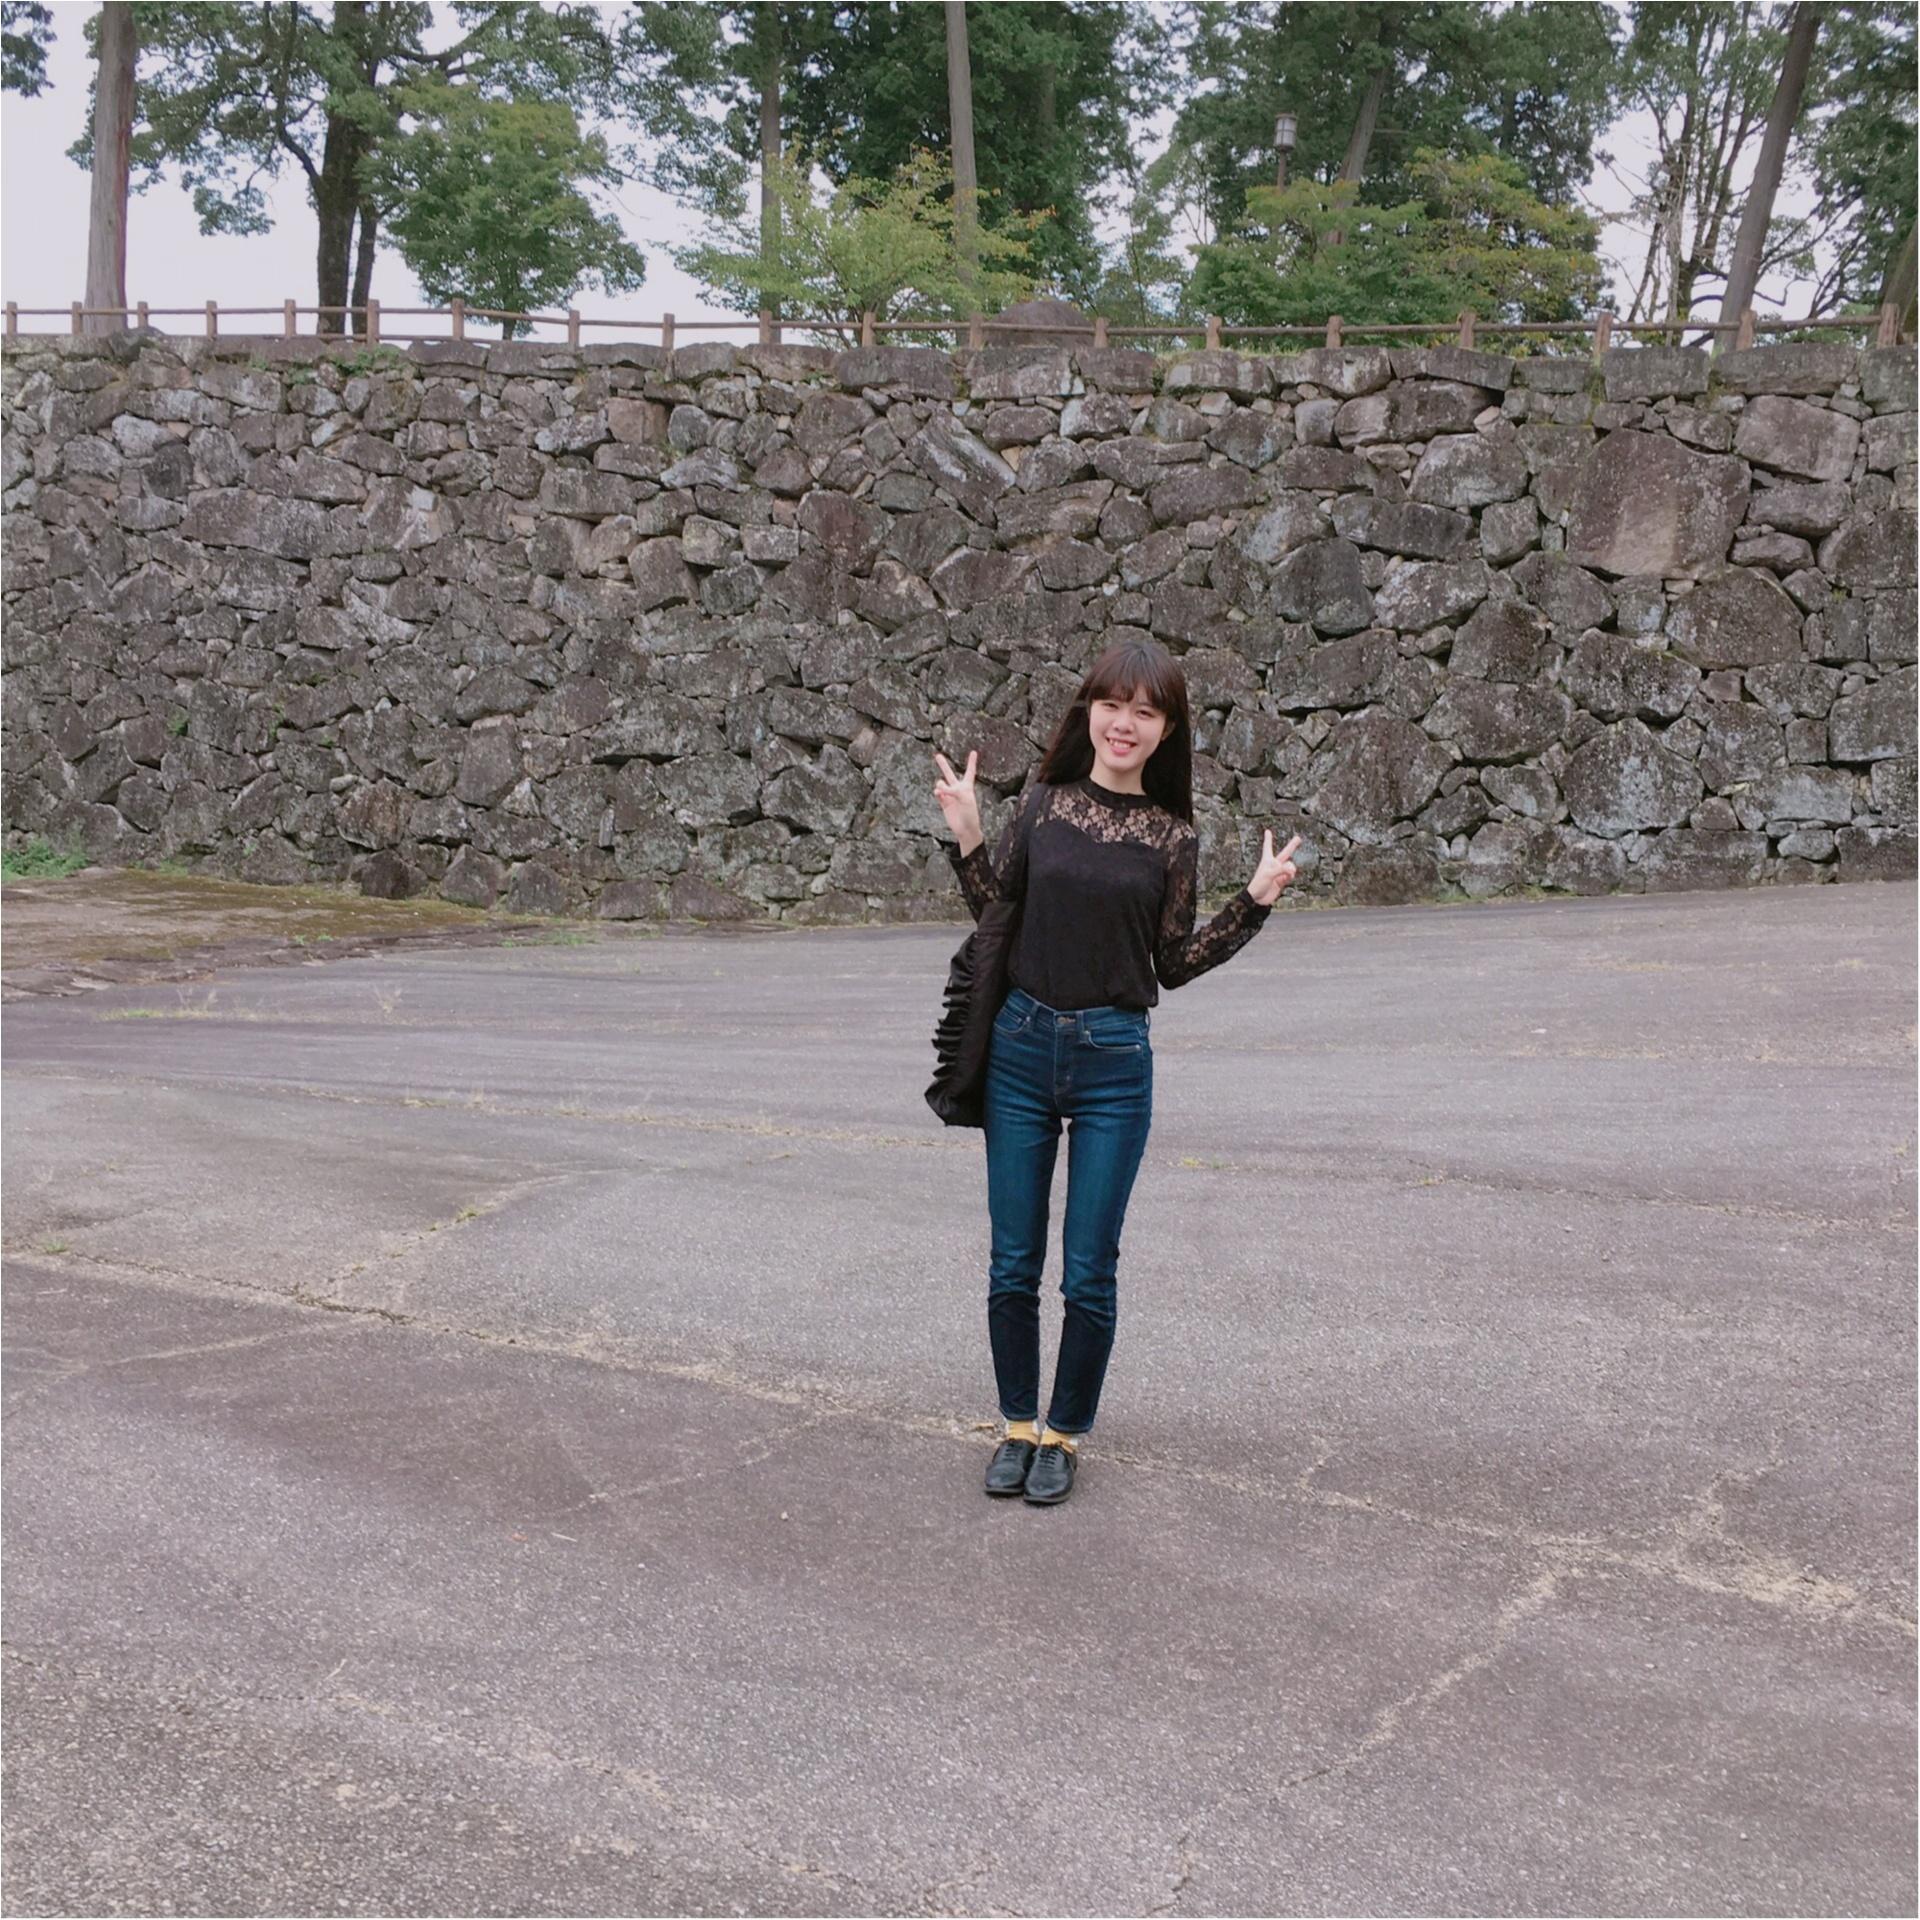 【動画で紹介!】熊本最南端の町、人吉に行ってきました!【#モアチャレ 熊本の魅力発信!】_3